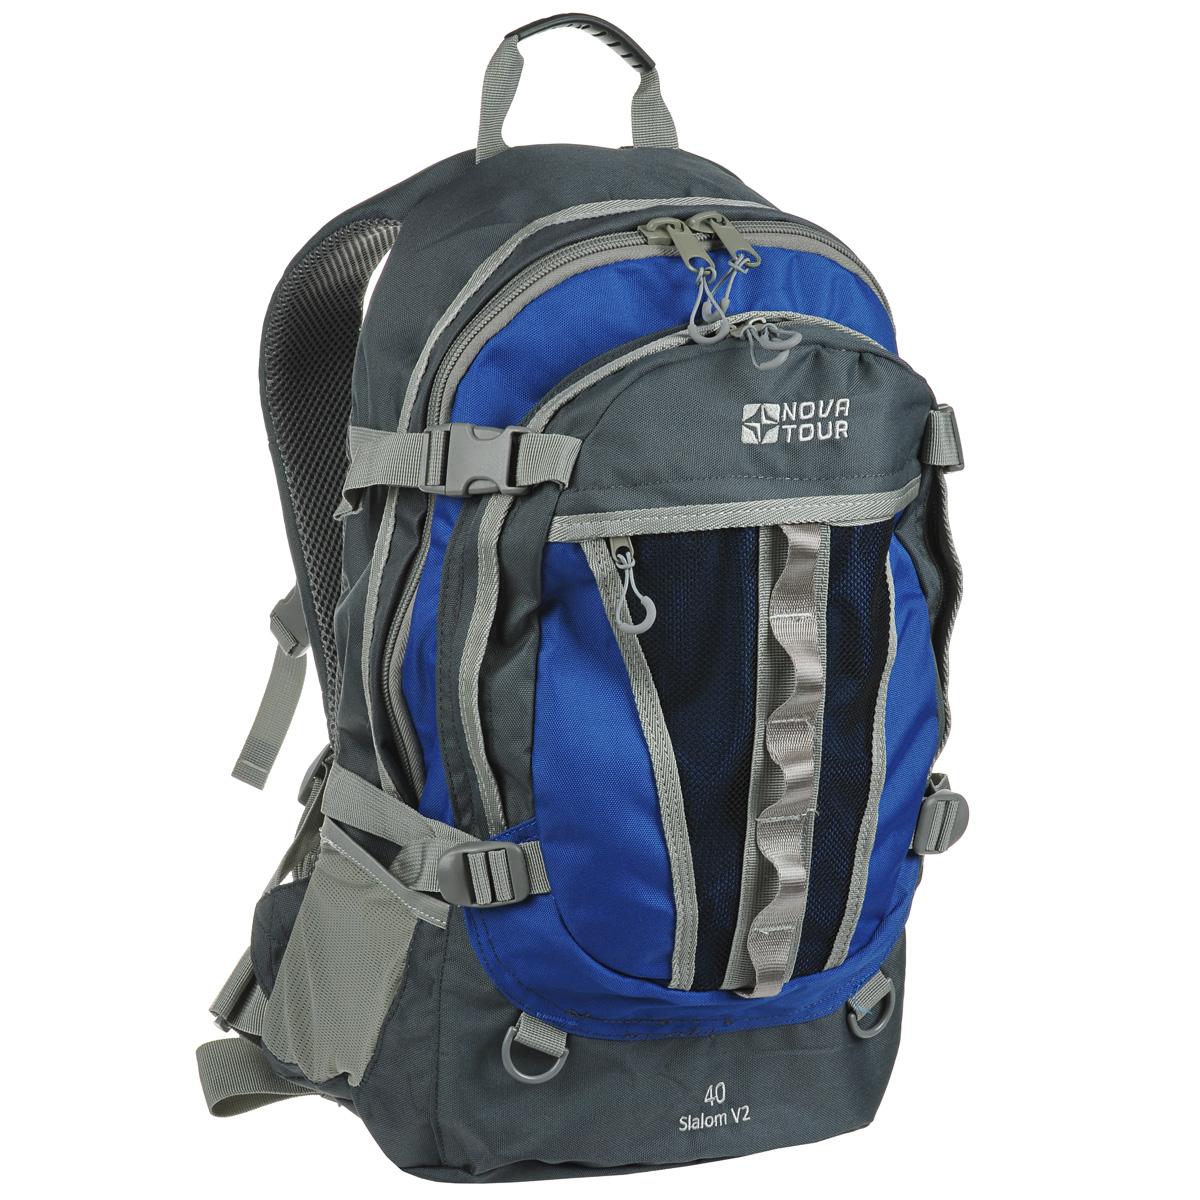 Рюкзак городской Nova Tour Слалом 40 V2, цвет: серый, синий. 13523-462-0013523-462-00Если все, что нужно ежедневно носить с собой, не помещается в обычный рюкзак, то Слалом 40 V2 специально для вас. Два вместительных отделения можно уменьшить боковыми стяжками или наоборот, если что-то не поместилось внутри, навесить снаружи на узлы крепления. Для удобства переноски тяжелого груза на спинке предусмотрена удобная система подушек Air Mesh с полностью отстегивающимся поясным ремнем. Особенности: Прочная ткань с непромокаемой пропиткой. Сетчатый материал, отводящий влагу от вашего тела. Применяется на лямках, спинках и поясе рюкзака. Грудная стяжка для правильной фиксации лямок рюкзака и предотвращения их соскальзывания. Органайзер позволяет рационально разместить мелкие вещи внутри рюкзака. Объем: 40 л.